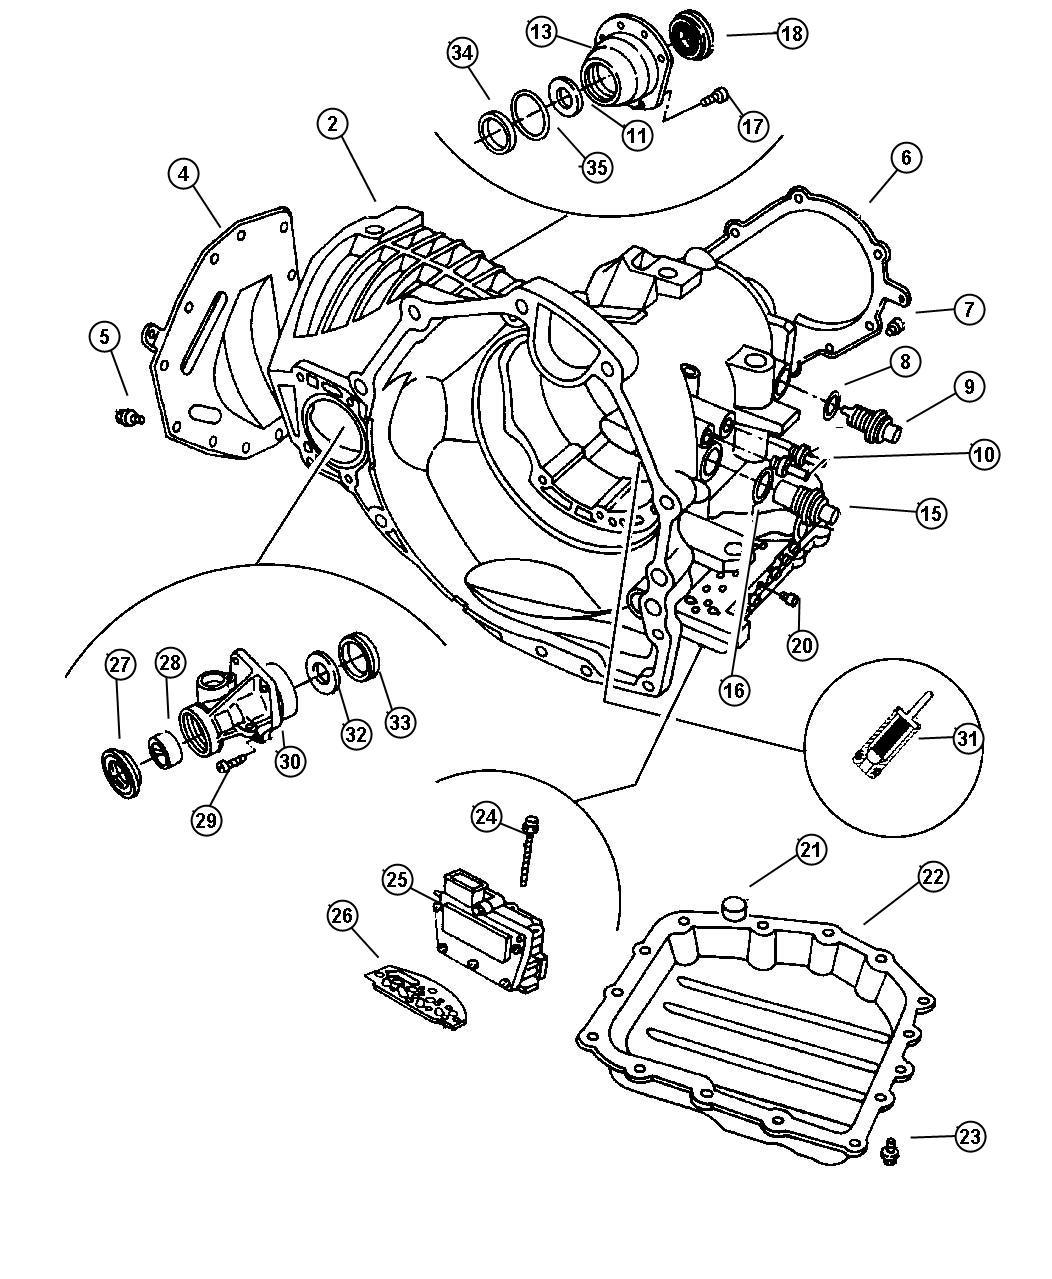 Chrysler Sebring Solenoid module, solenoid package. 41te